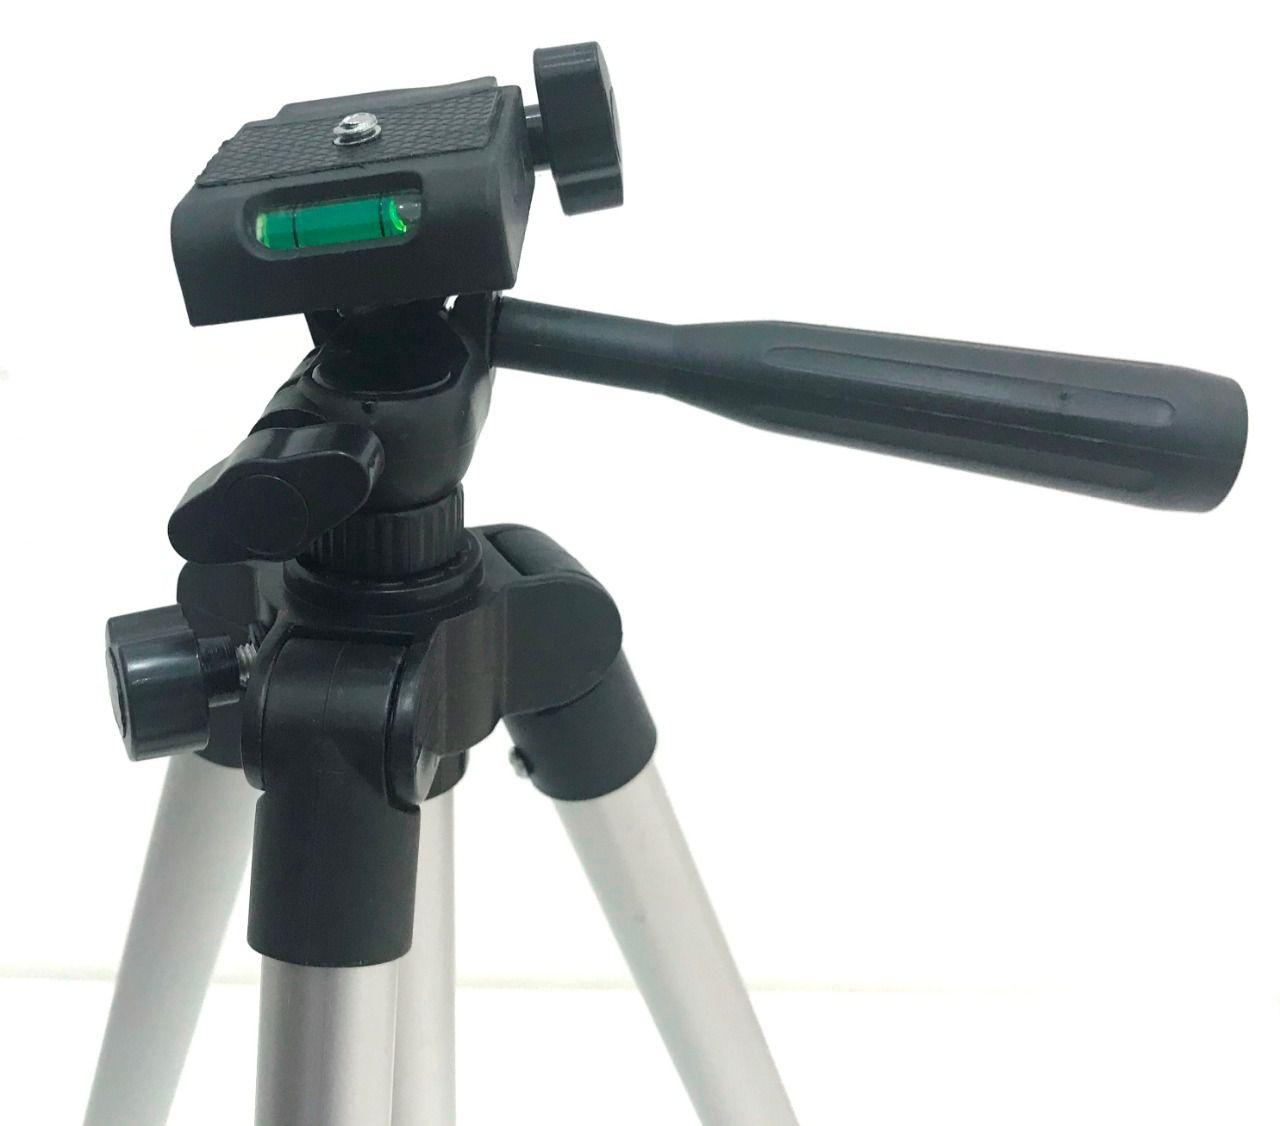 Tripé Aluminio P/ Câmeras Fotográficas 130cm Wf-3110 Prata F-3110